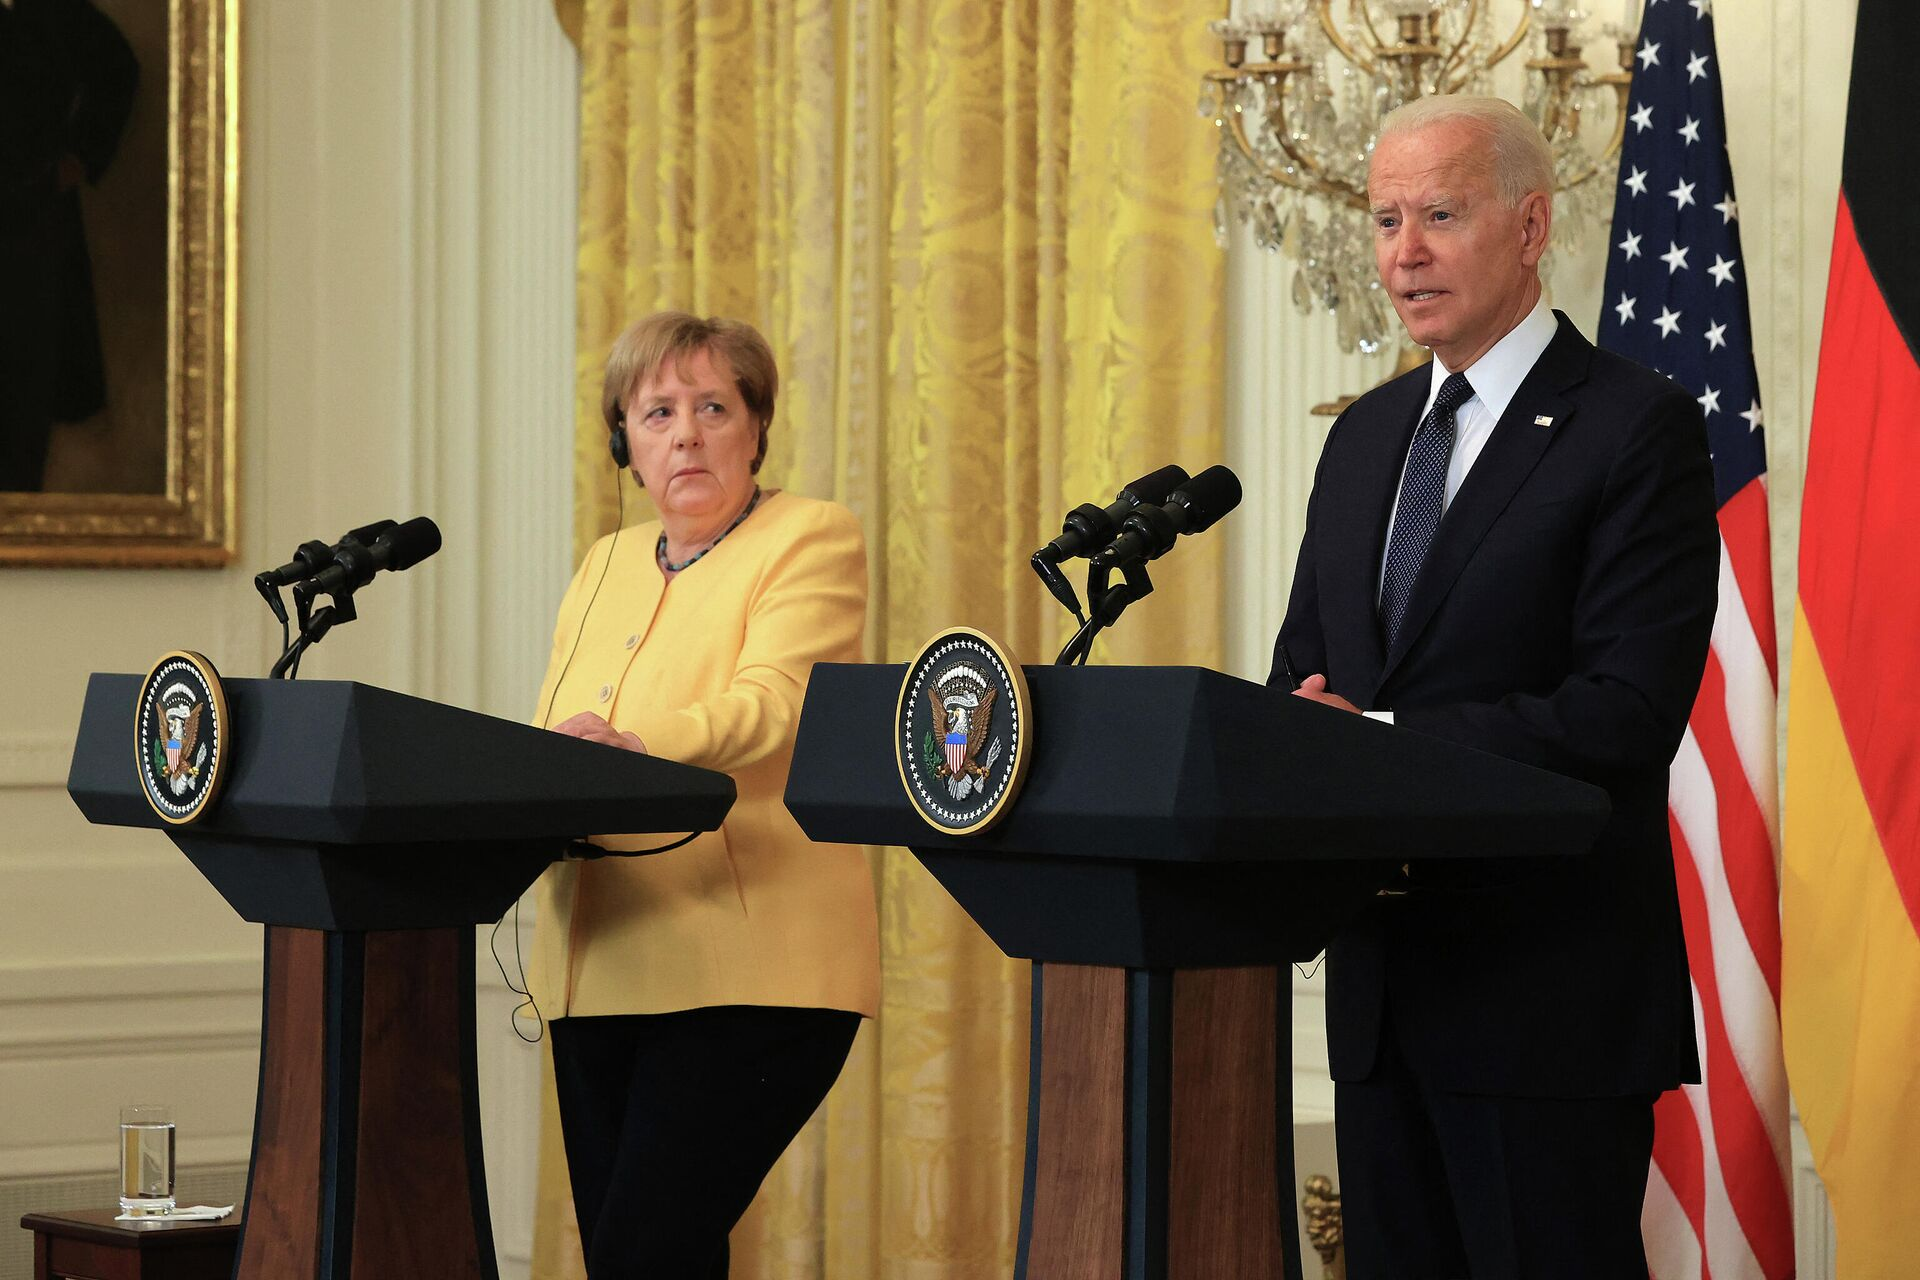 Канцлер Германии Ангела Меркель и президент США Джо Байден во время совместной пресс-конференции в Белом доме  - Sputnik Узбекистан, 1920, 22.07.2021